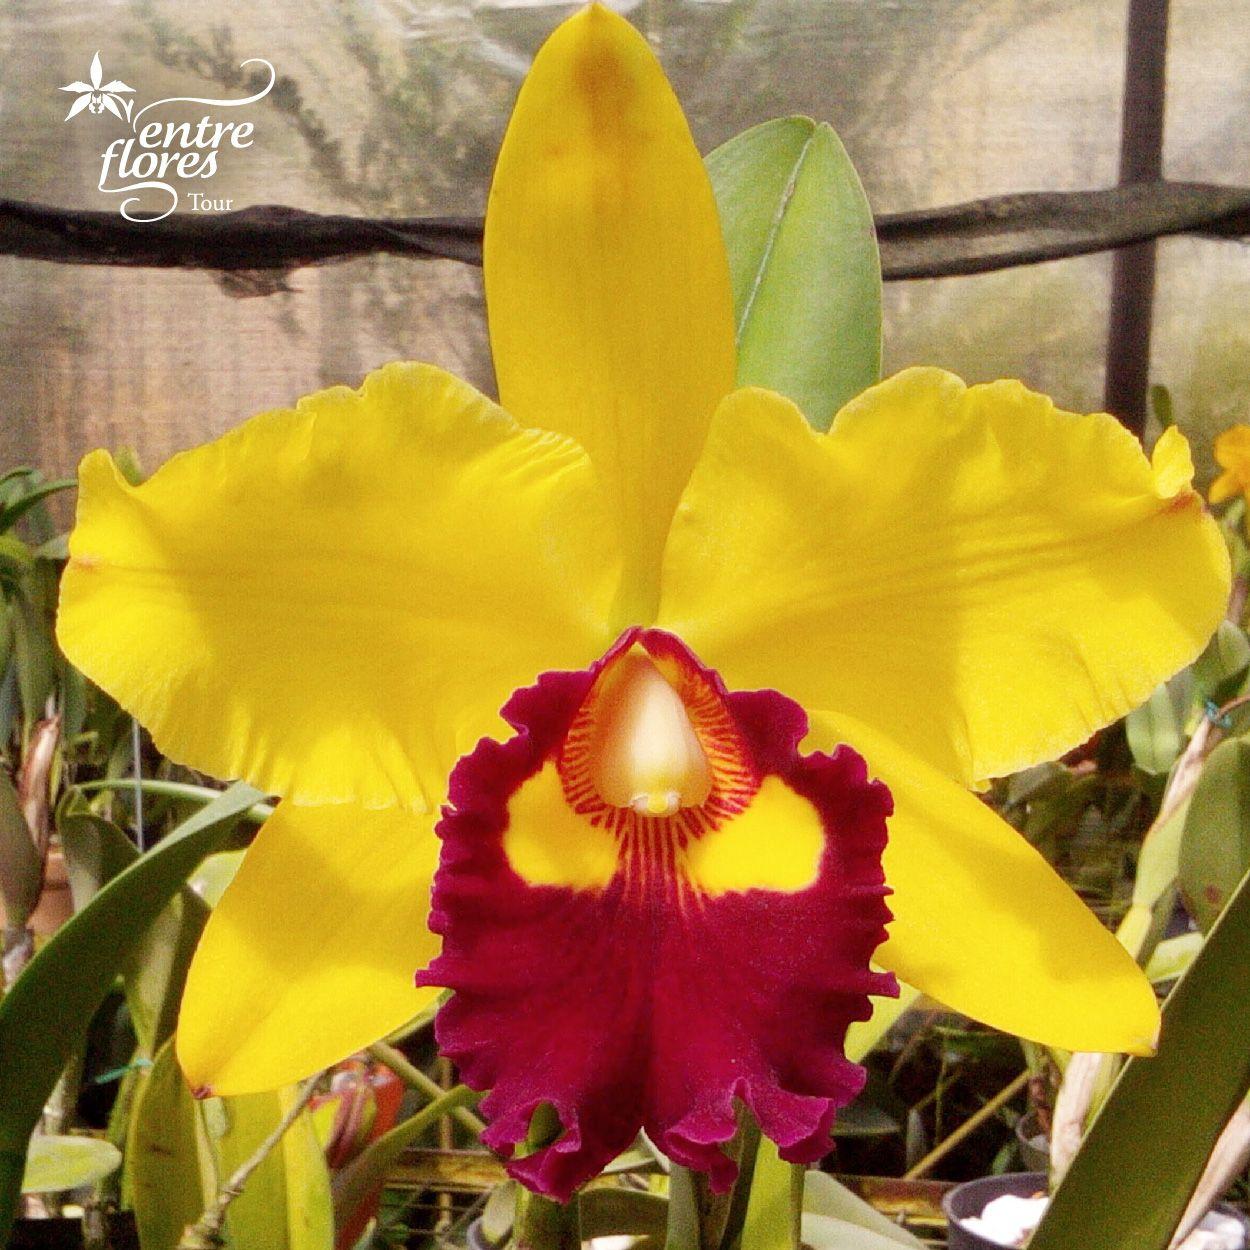 Entre las orquídeas, algunas de las especies tienen la reproducción asexual, es decir que no necesitan de polinización para su reproducción.   Among the orchids, some species have asexual reproduction, this means they do not need pollination for reproduction.